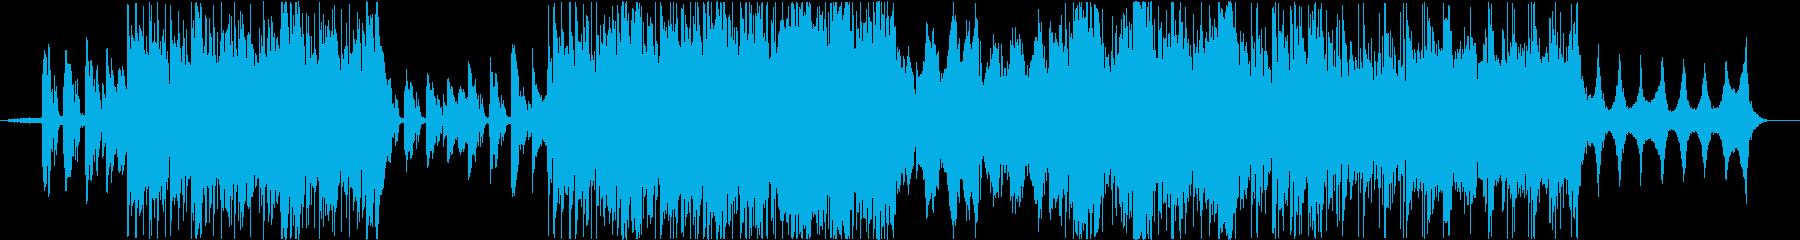 透明感のあるハッピーなピアノBGMの再生済みの波形